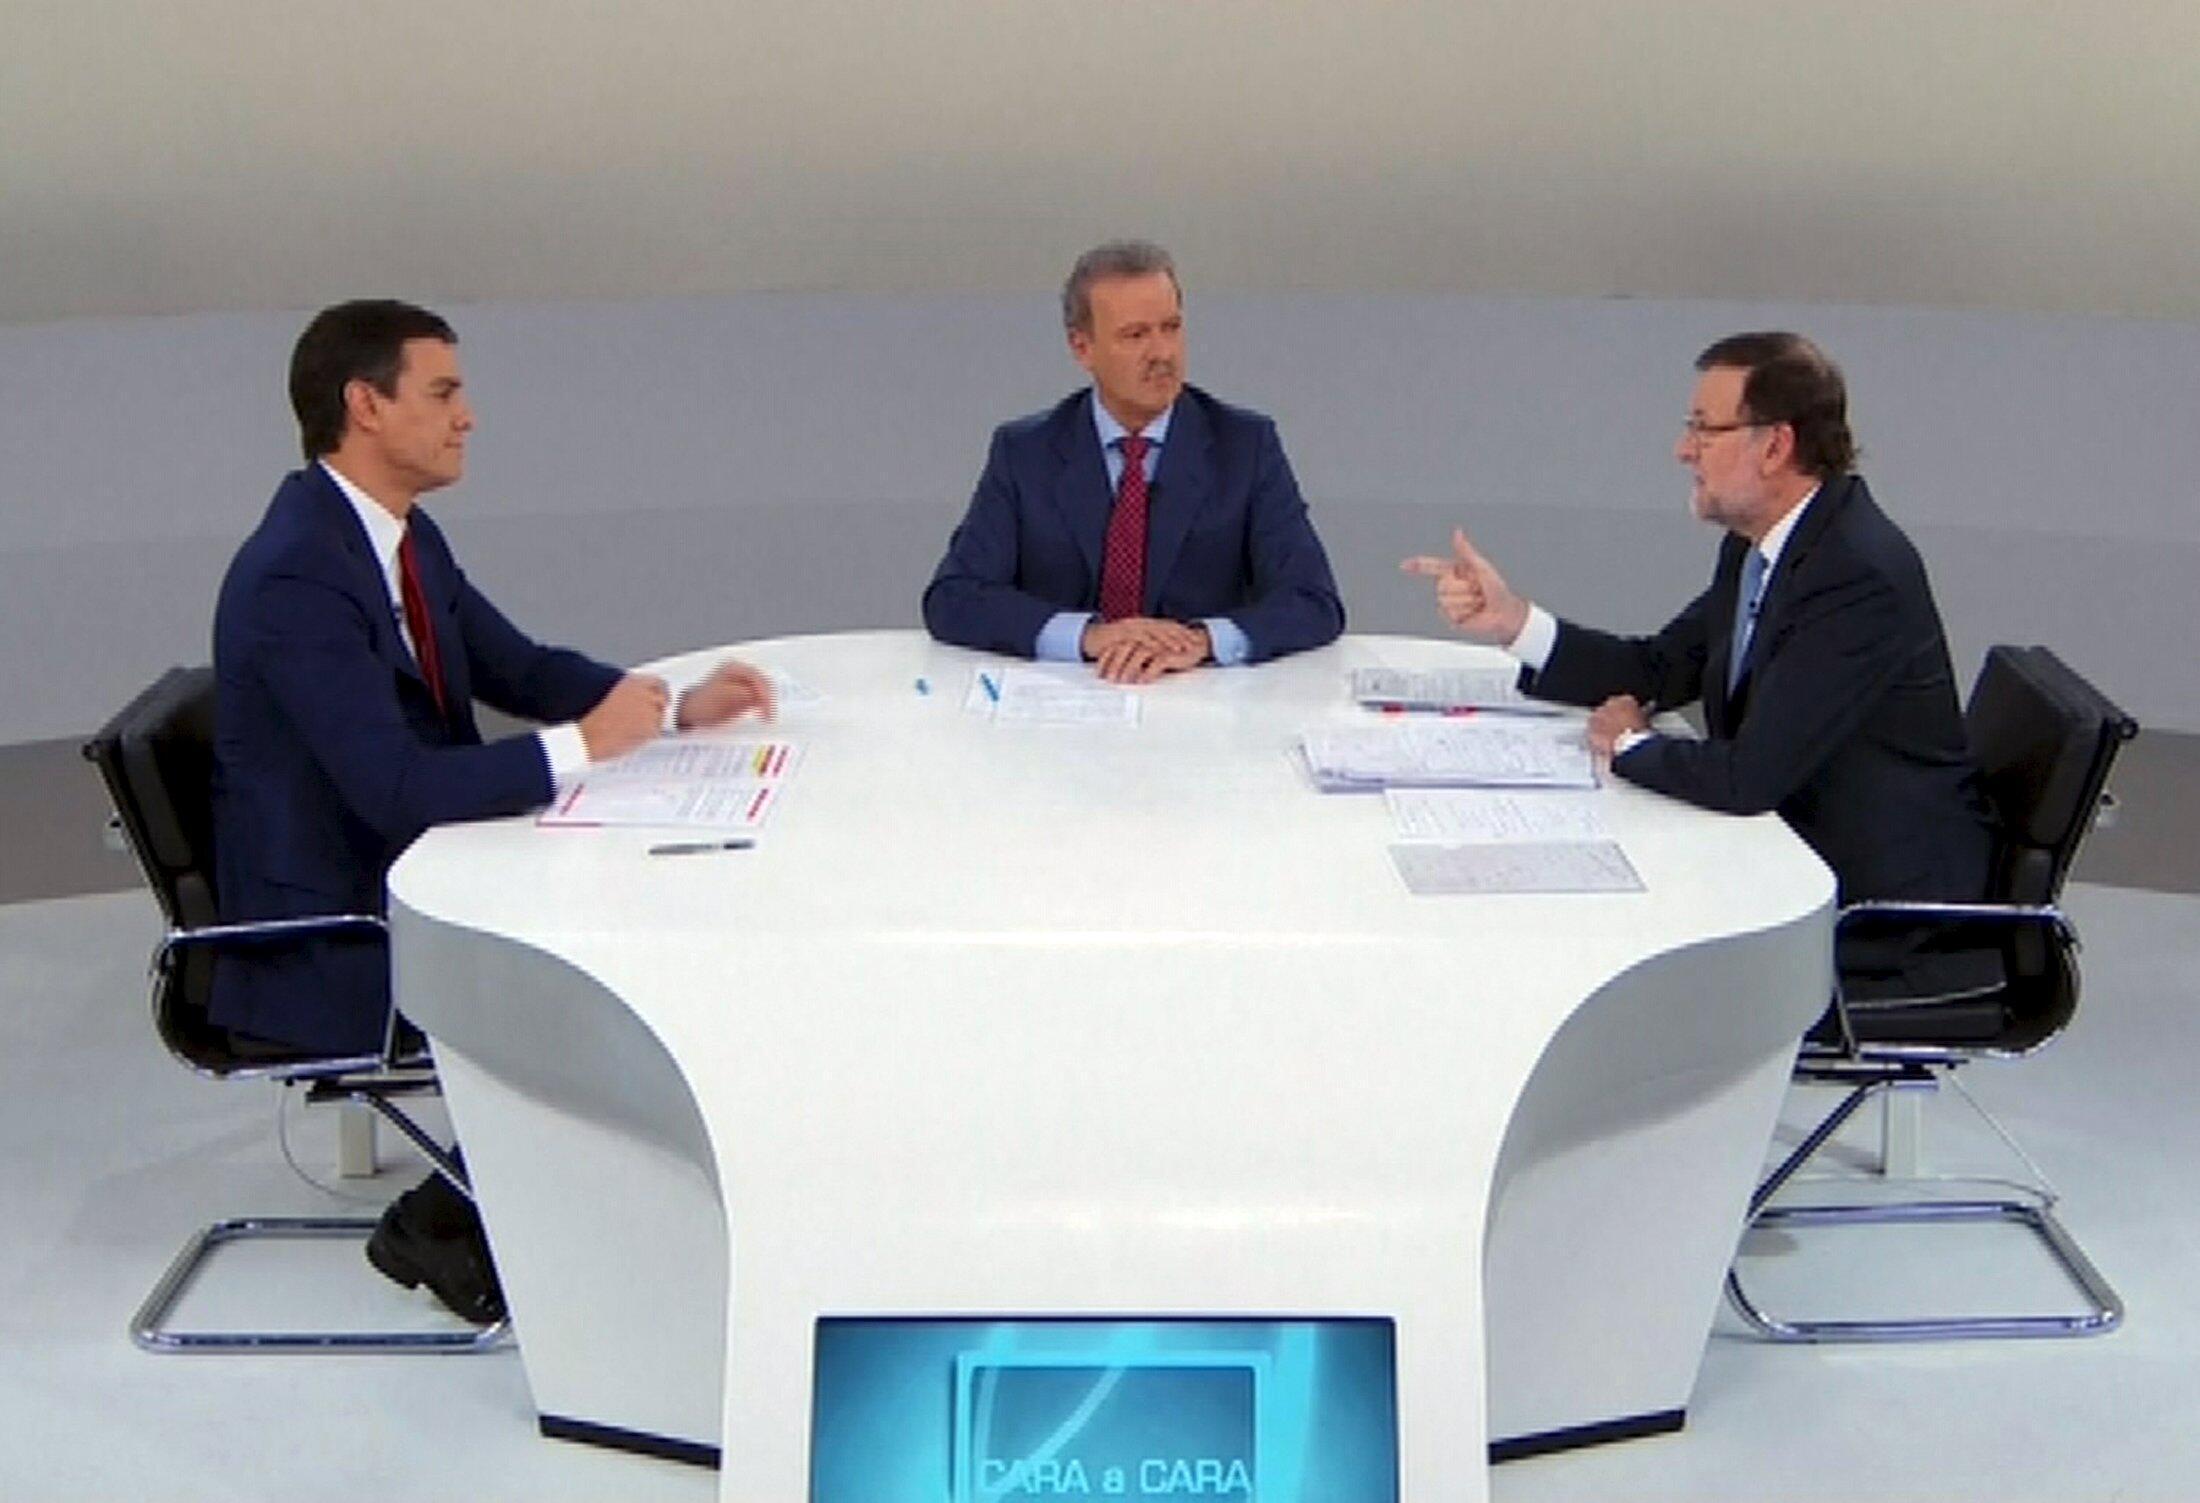 Imagen del debate de este lunes entre Rajoy y Sánchez retransmitido por varias televisiones